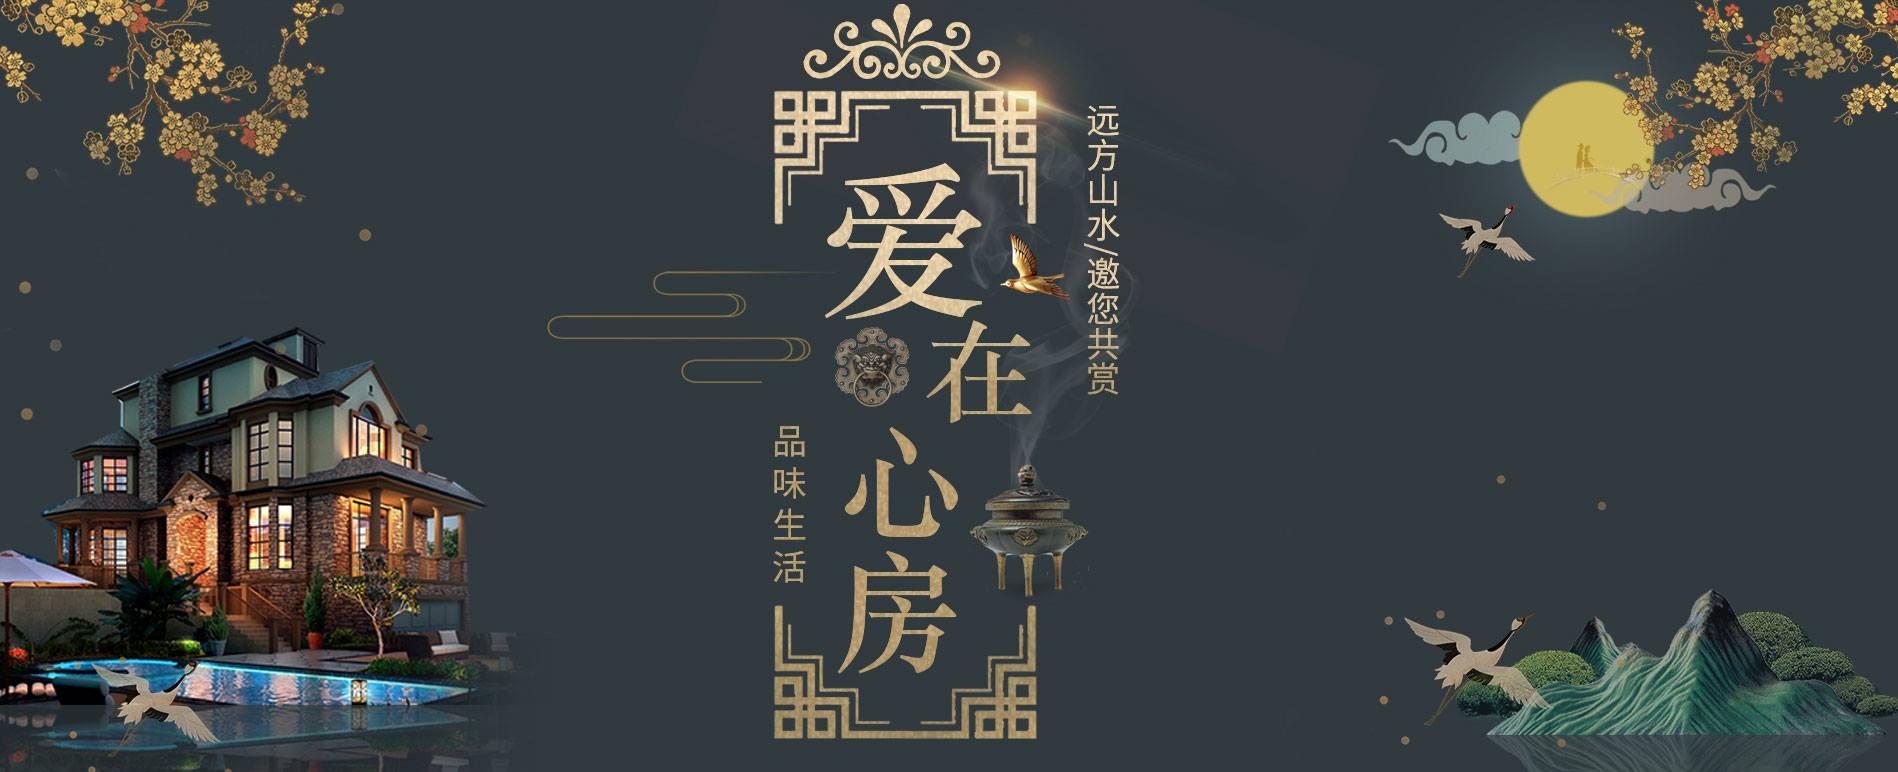 婚房装修_杭州别墅新房装修设计